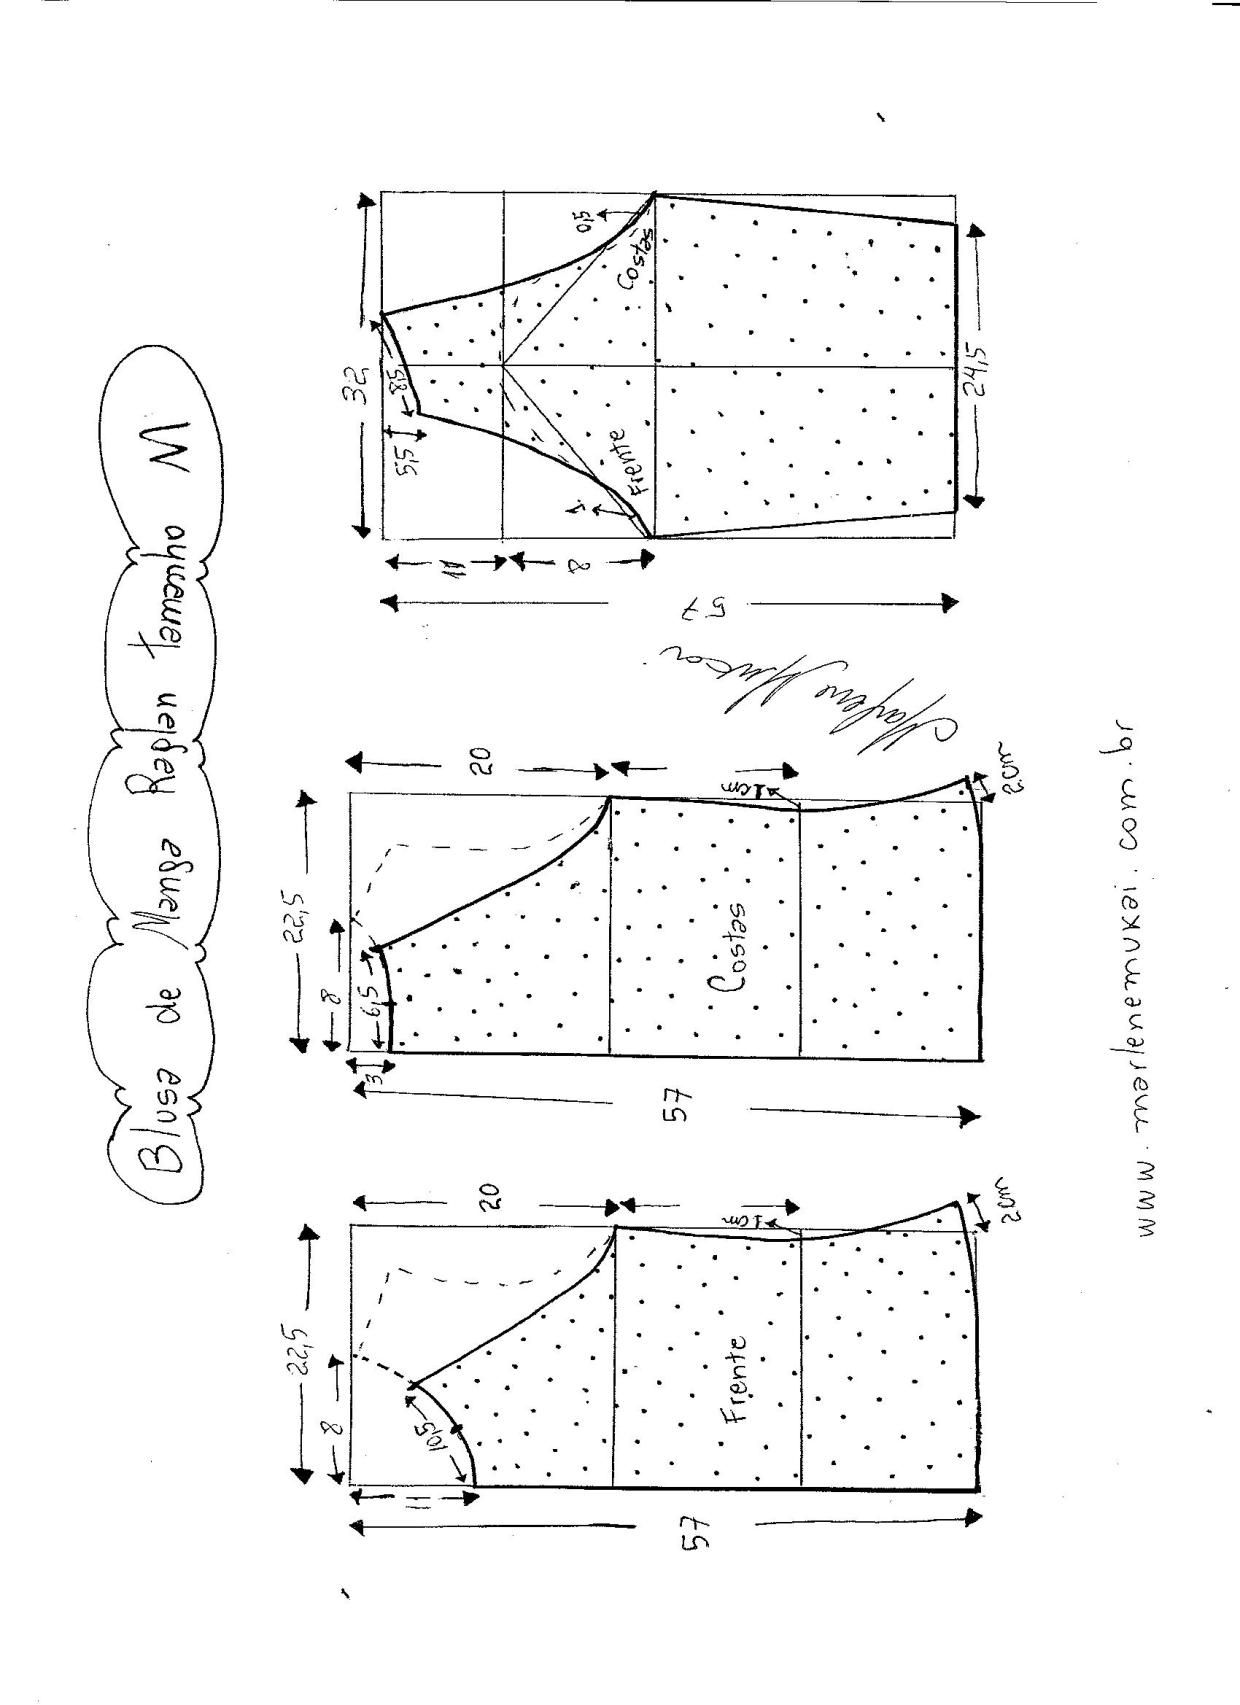 Blusa de malha com manga raglan | Dicas de costura | Pinterest